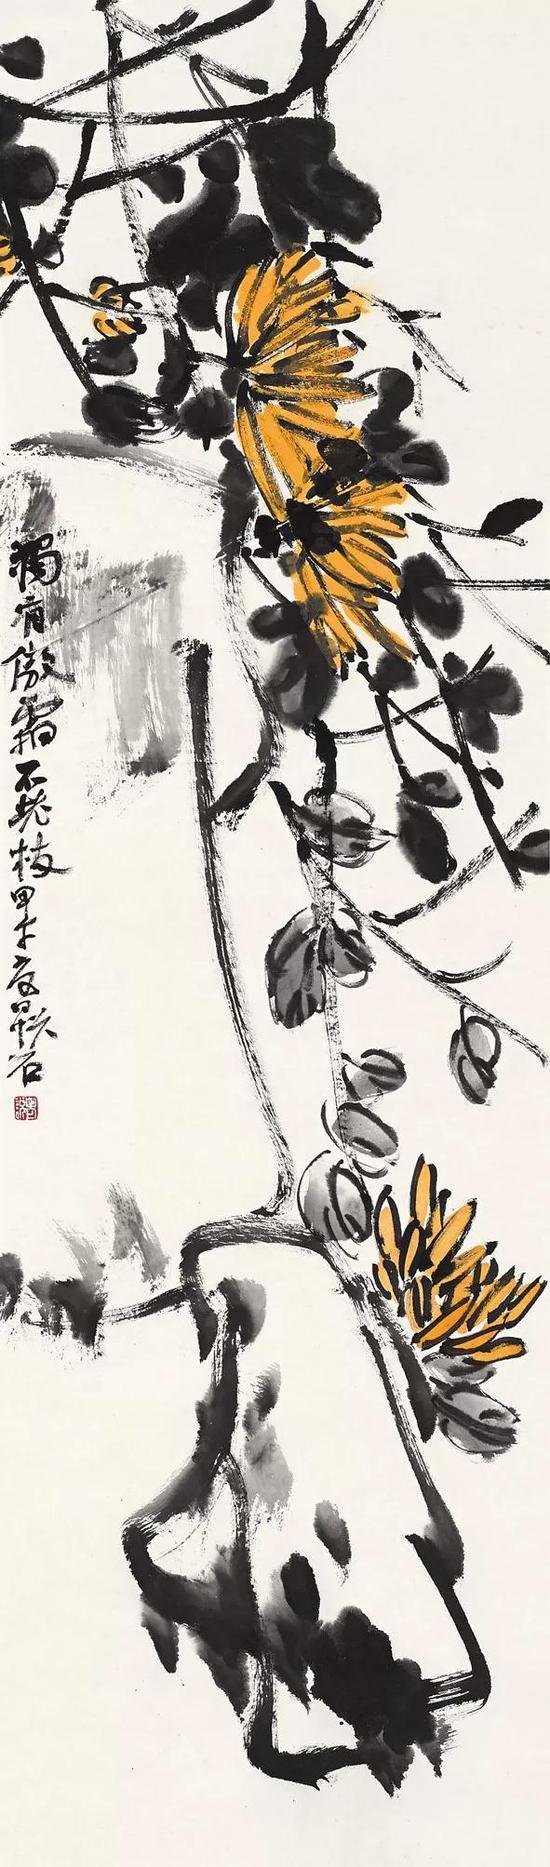 吴悦石 花鸟 119cm×35cm 纸本设色 2014年